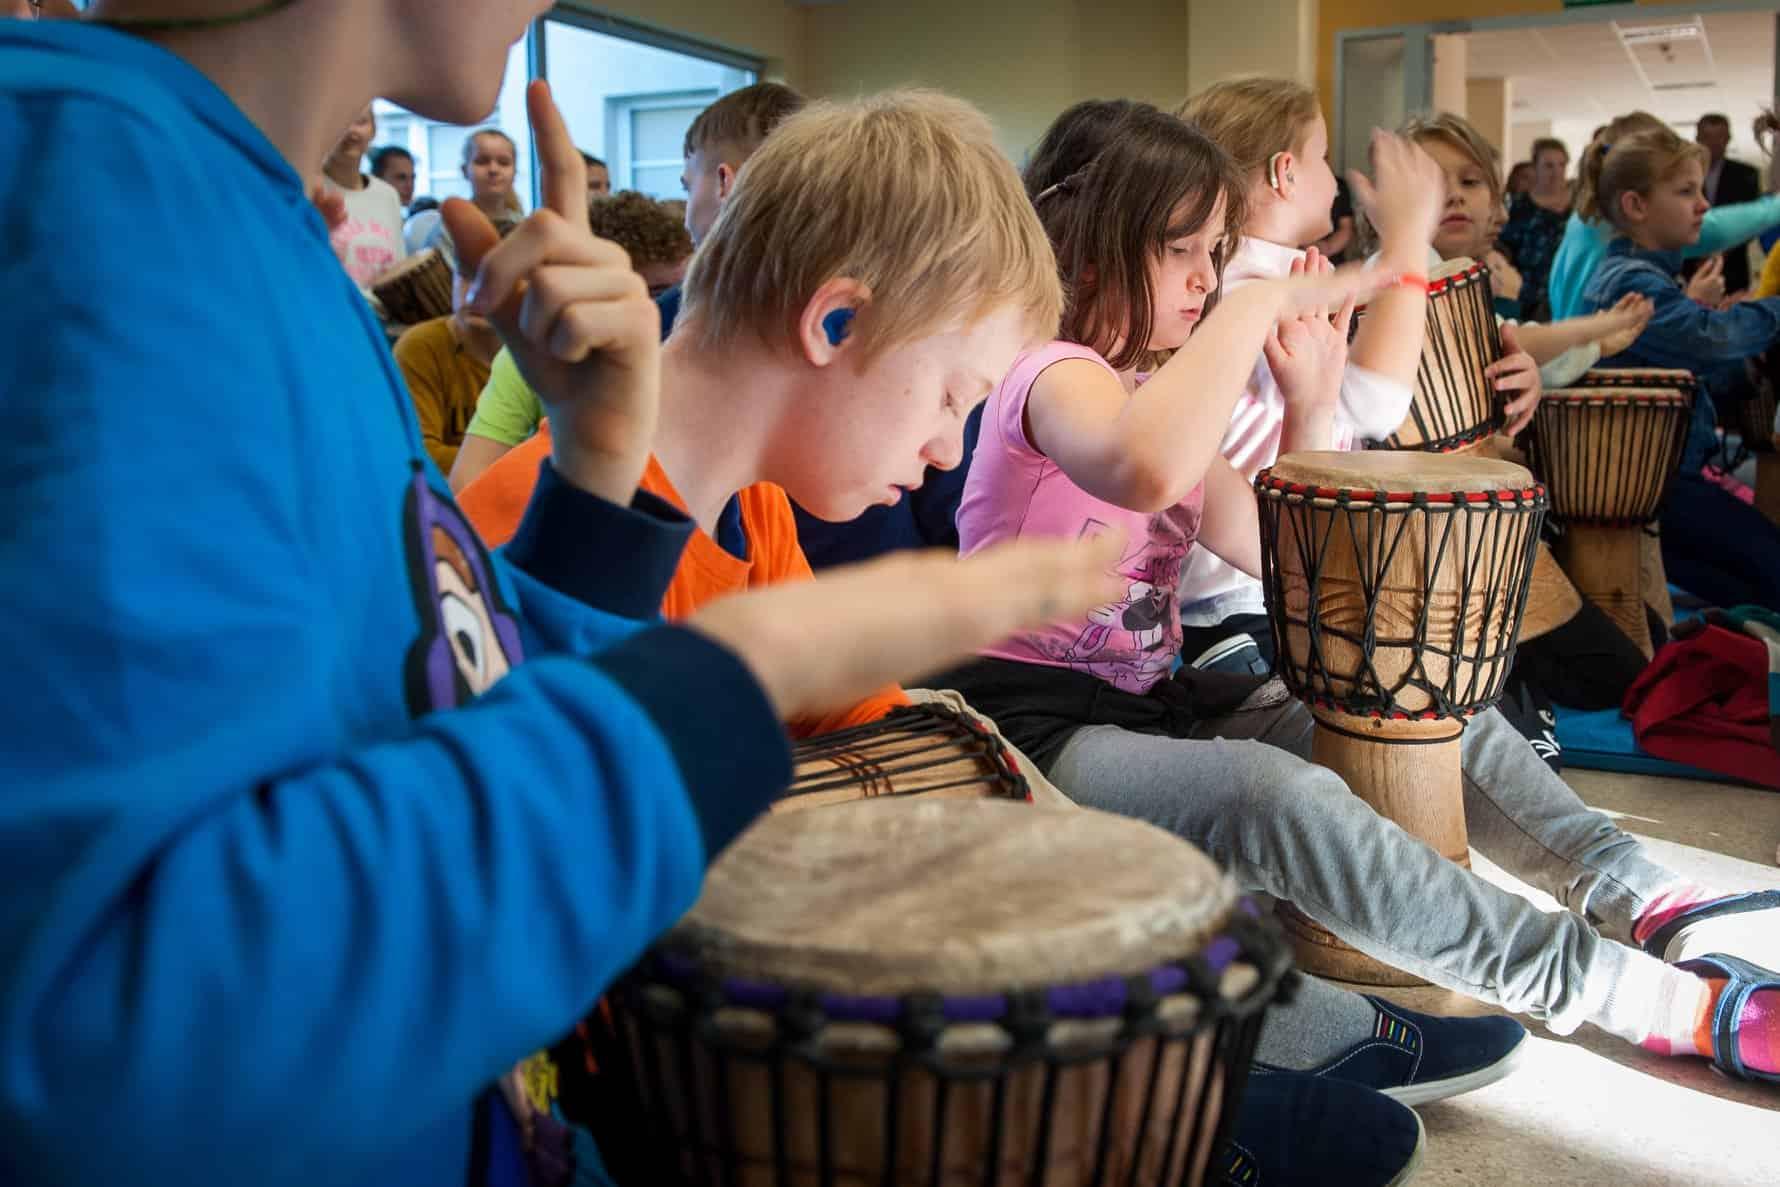 Orkiestra niesłyszących dzieci wzięła udział w warsztatach muzycznych